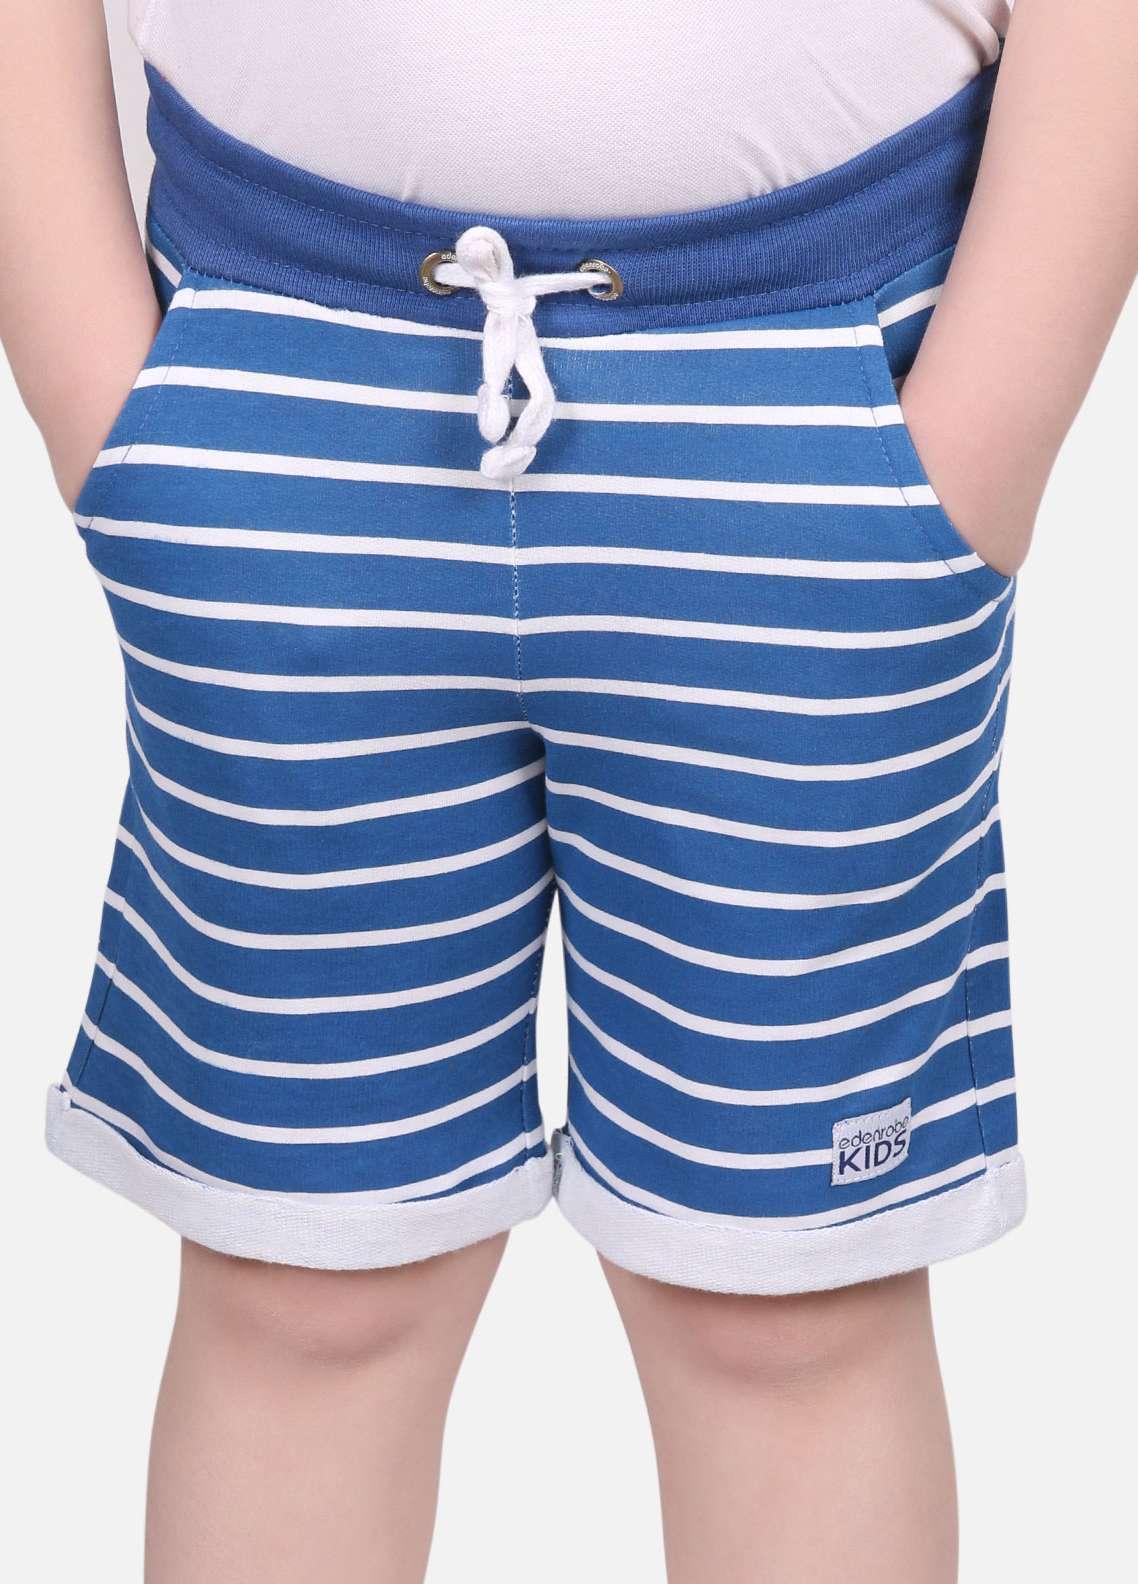 Edenrobe Cotton Printed Shorts for Boys - Blue EDK18S-001